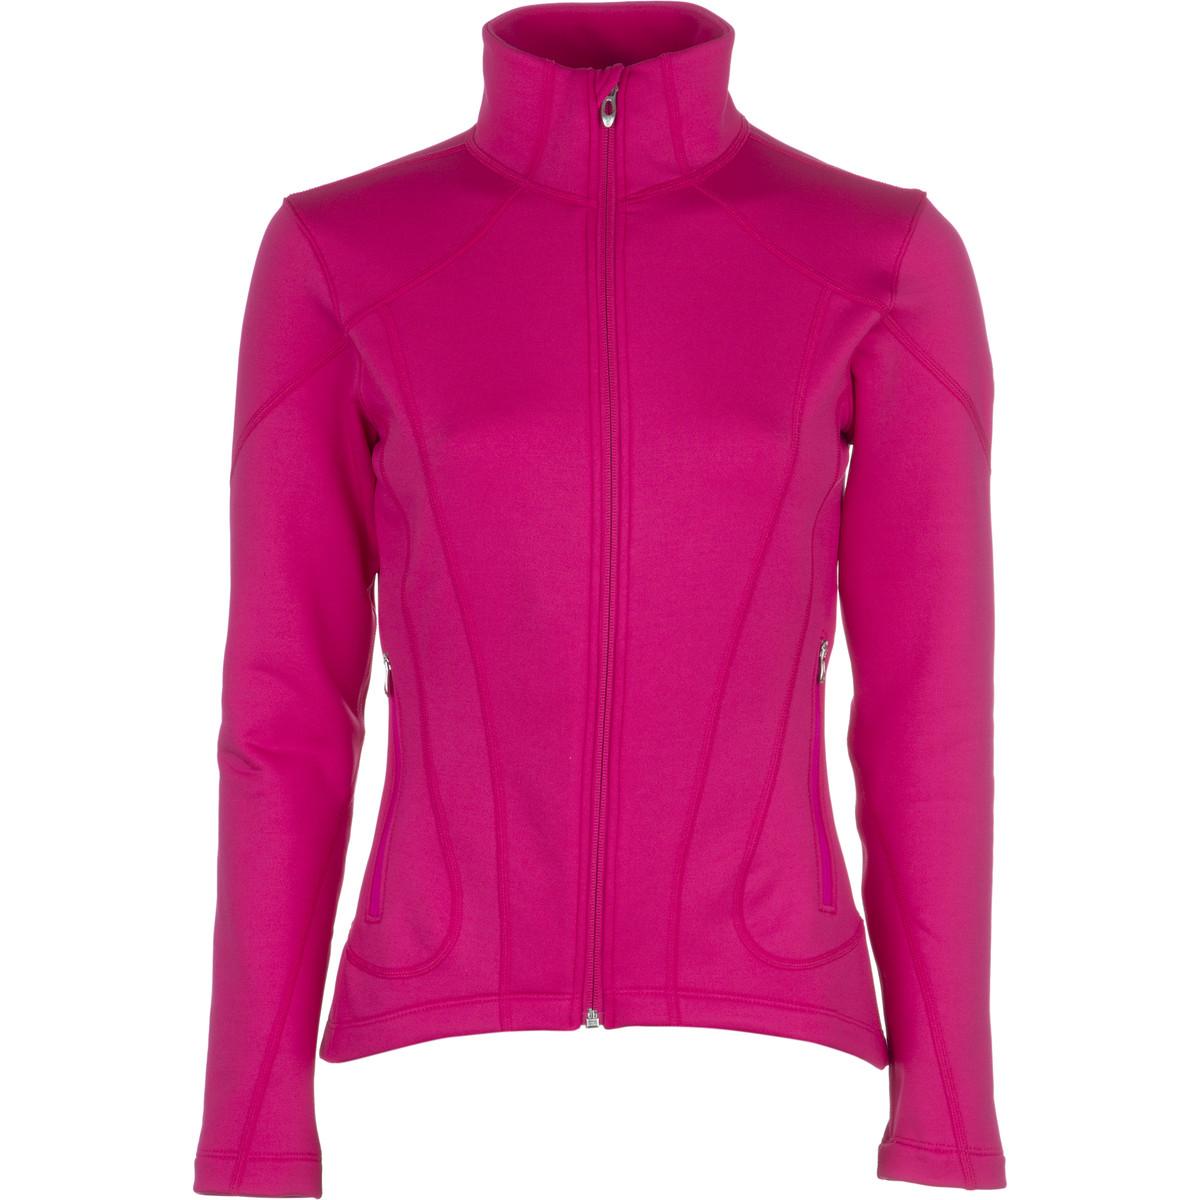 Spyder Bandita Fleece Jacket